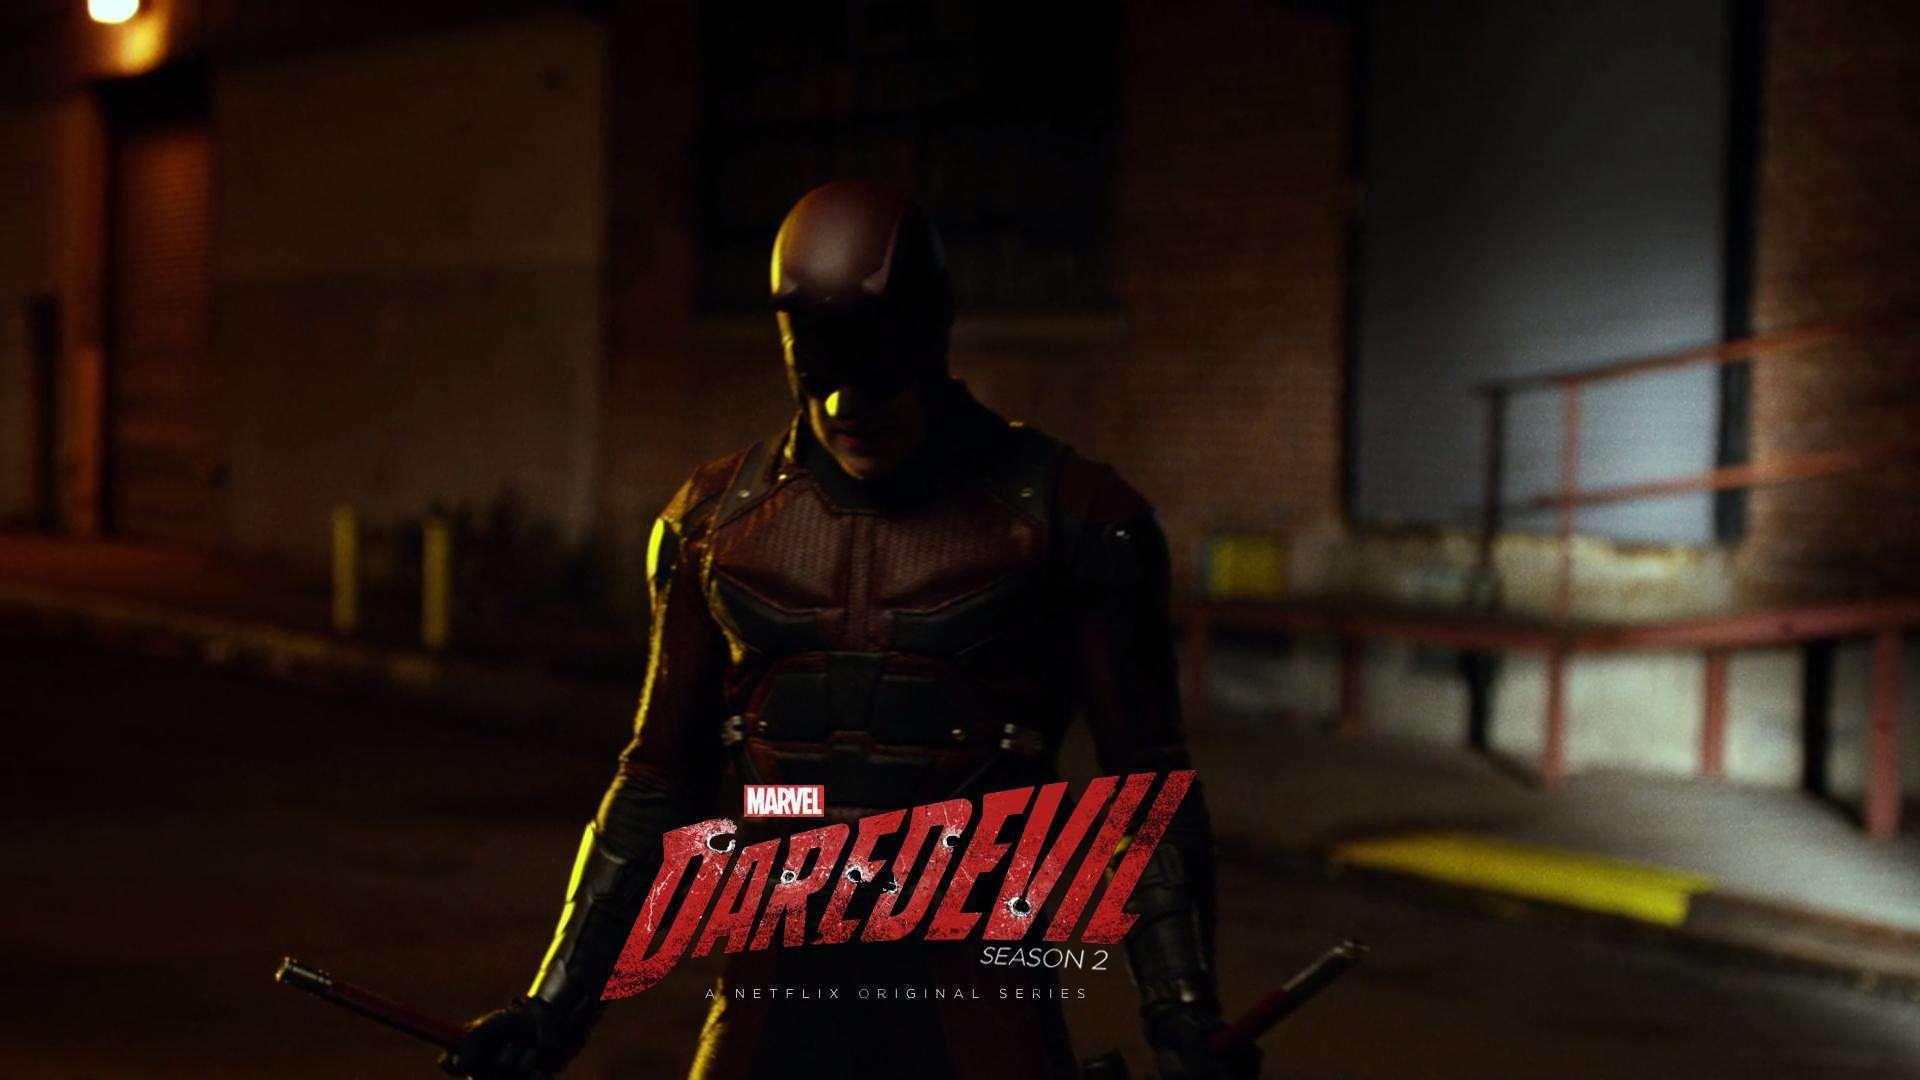 Daredevil S2